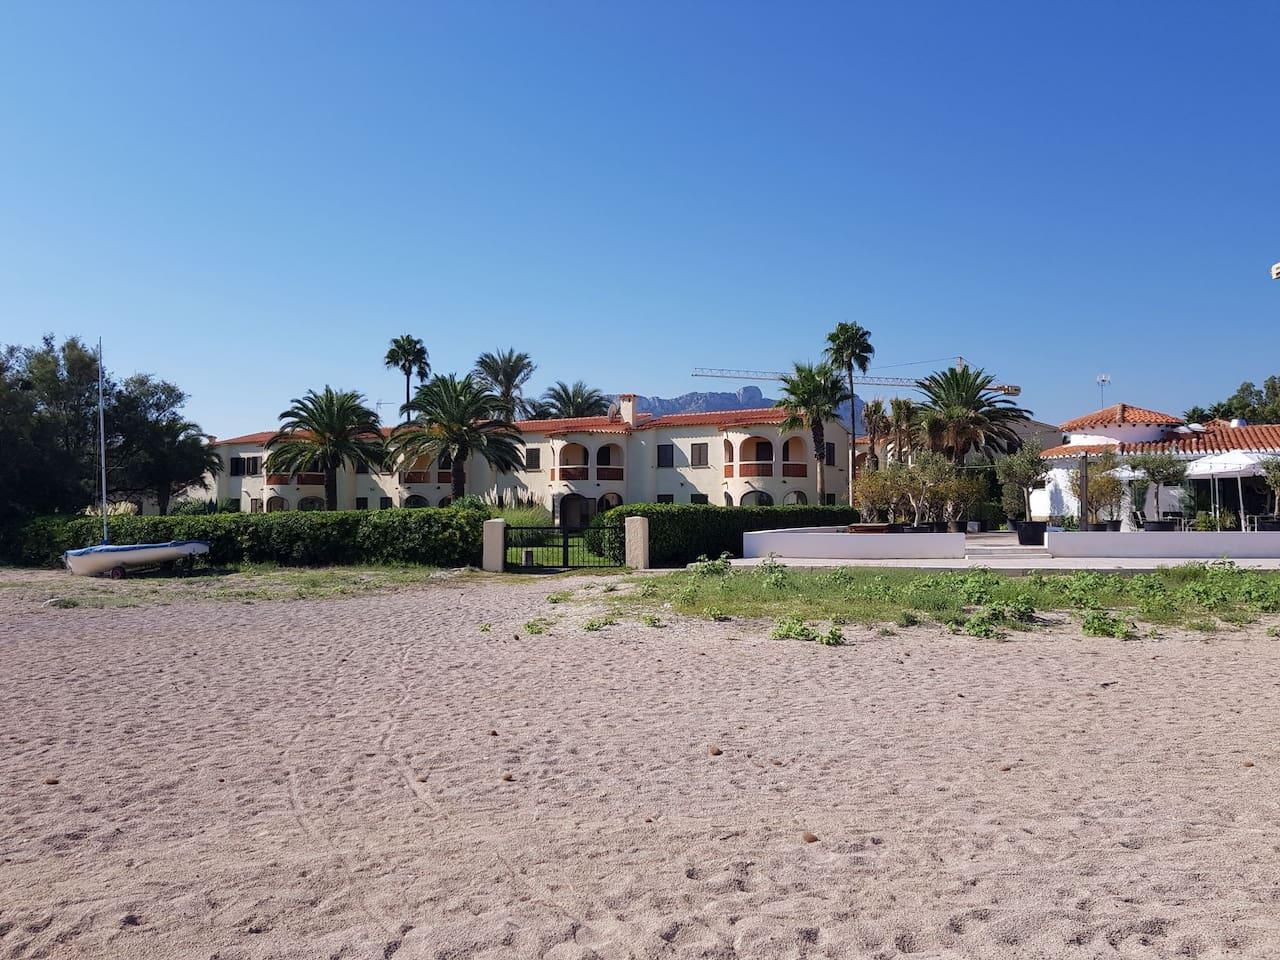 En primera línea de playa, directo desde el jardín. Con un restaurante con terraza para tomar algo desde la propia arena